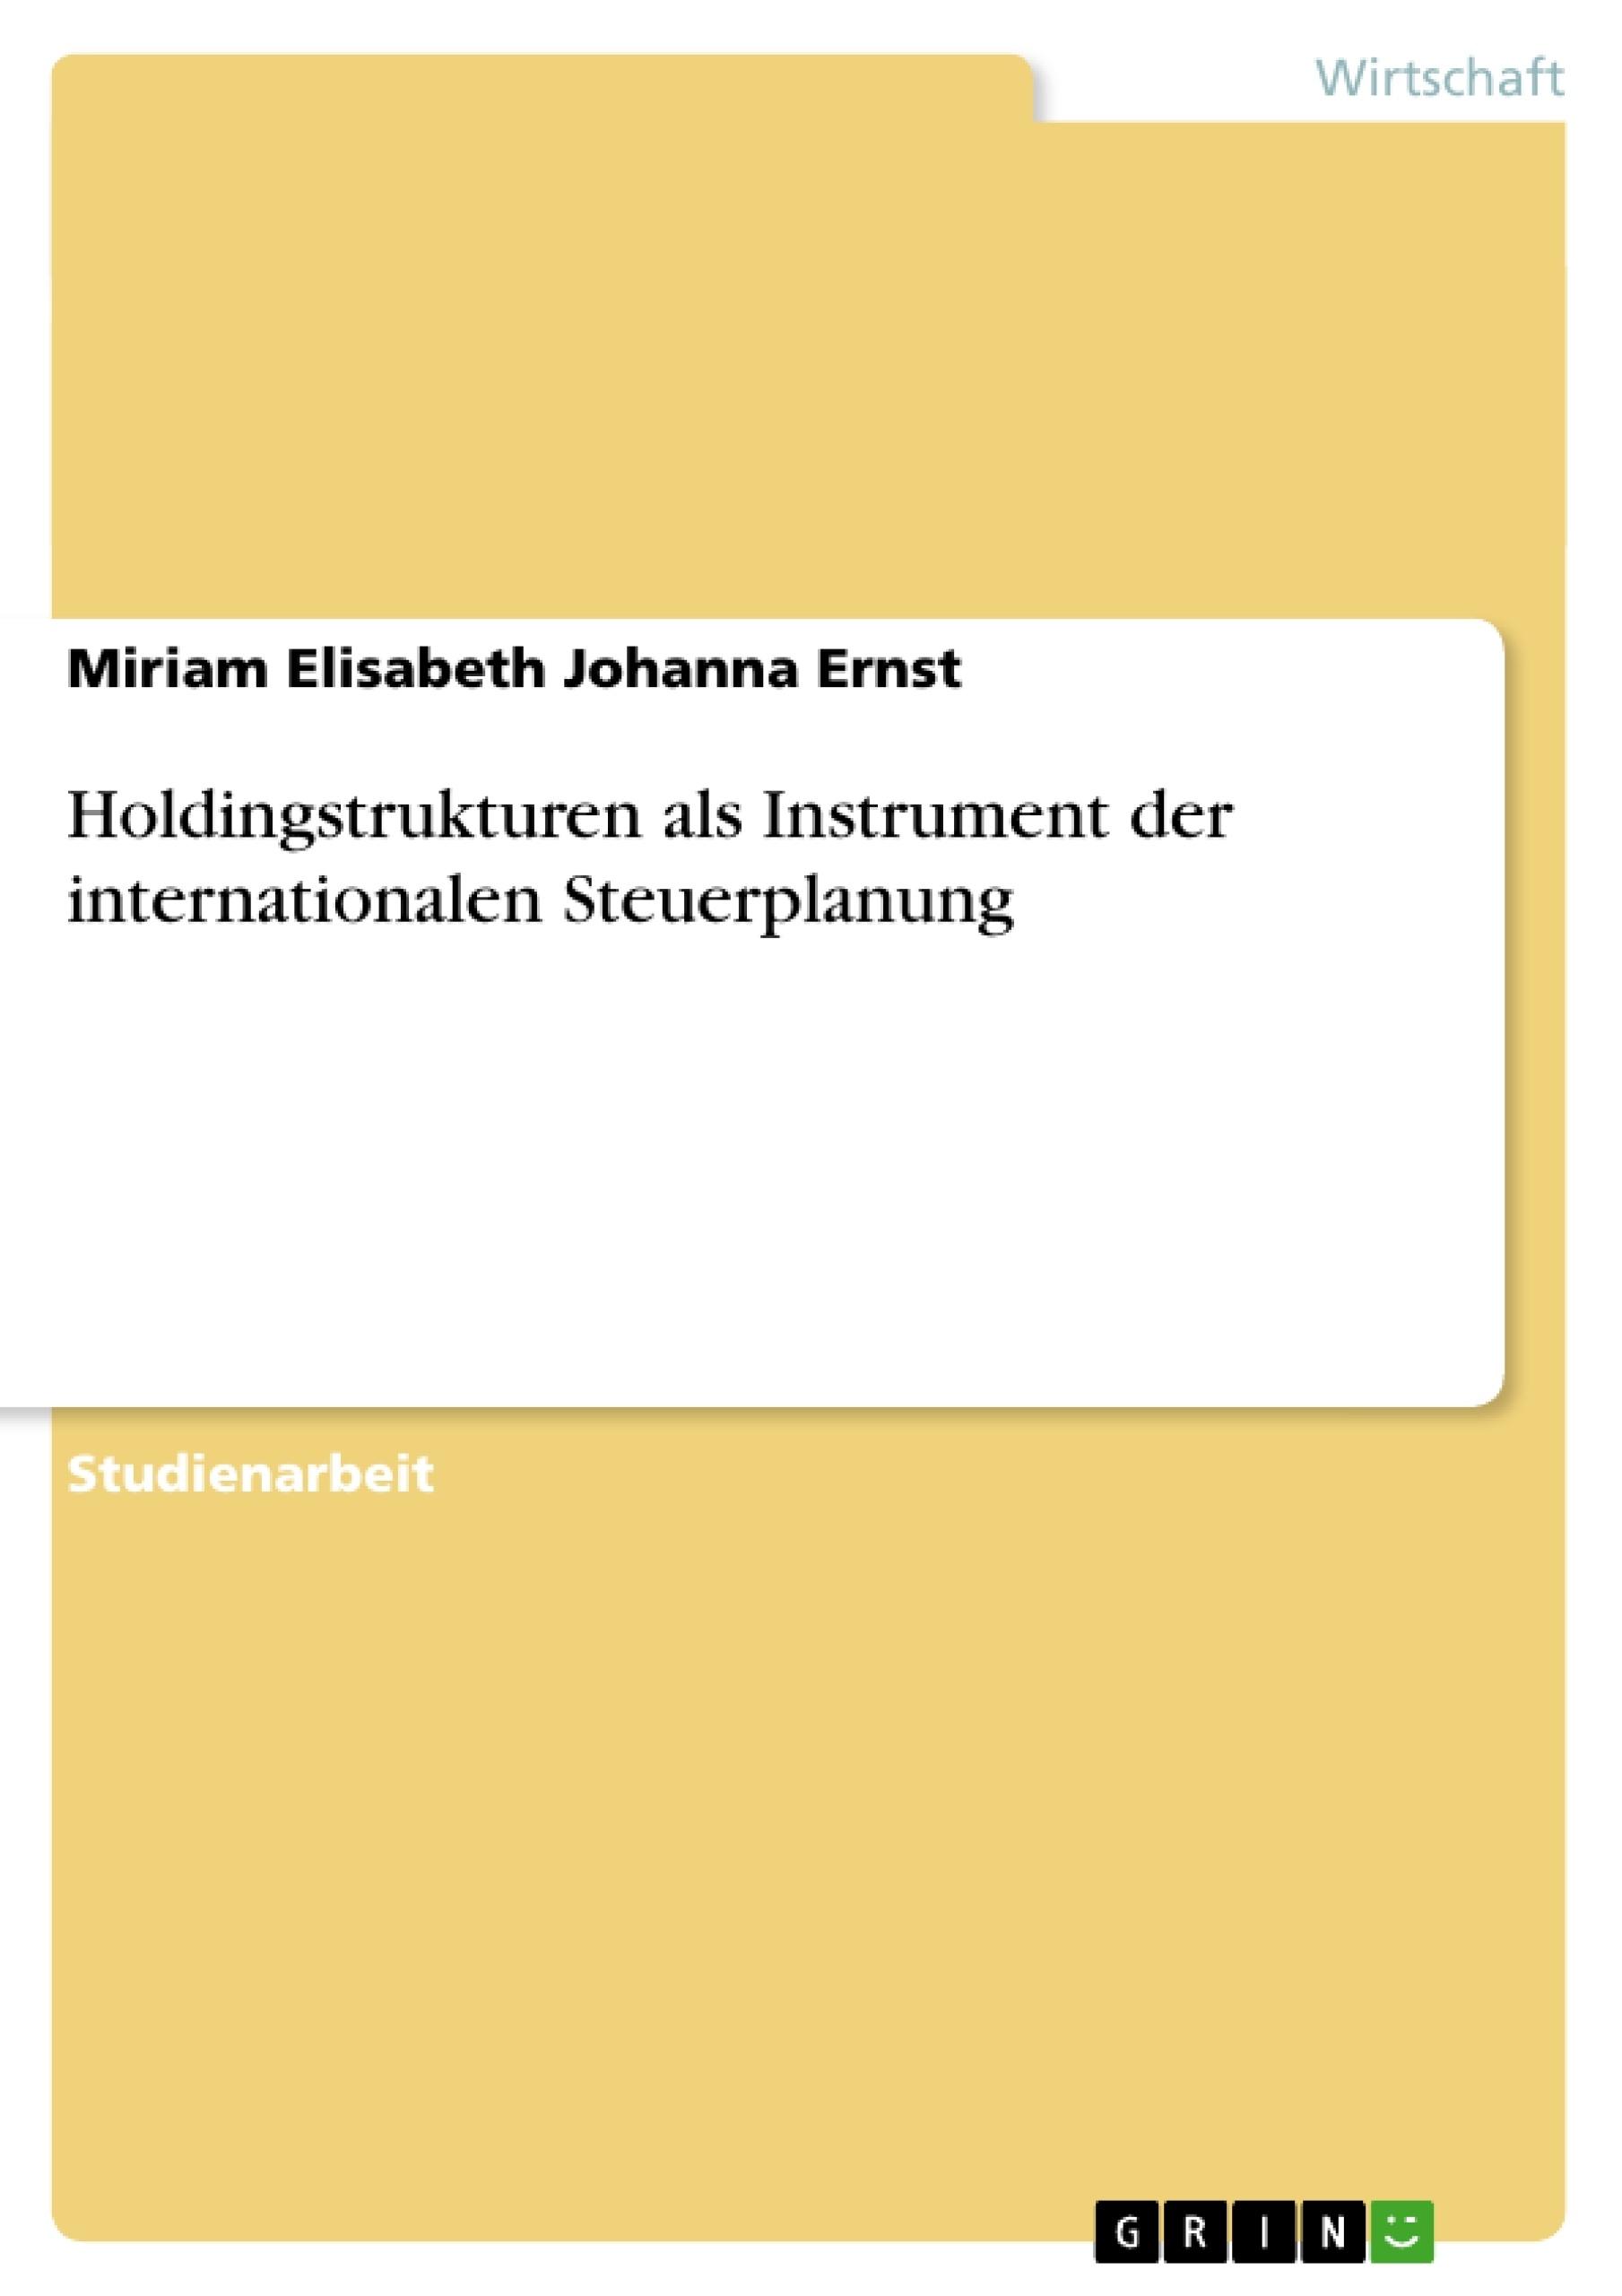 Titel: Holdingstrukturen als Instrument der internationalen Steuerplanung